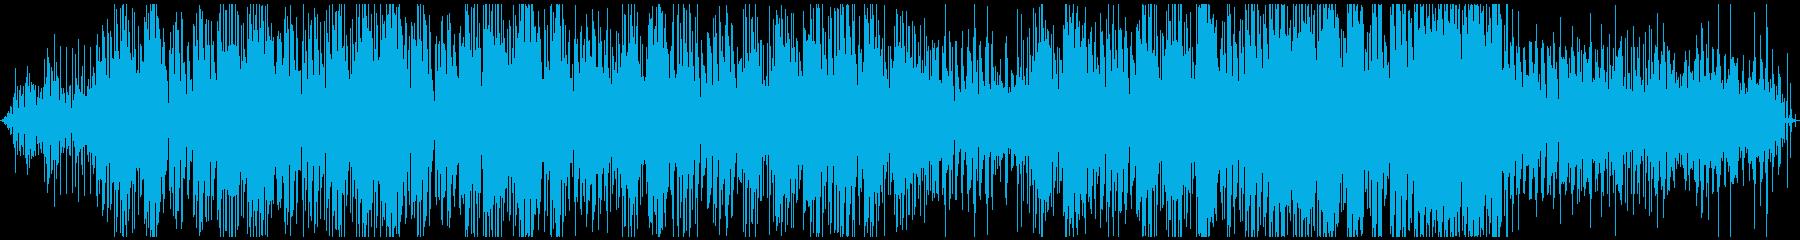 神秘的で浮遊感のあるアンビエントテクノの再生済みの波形